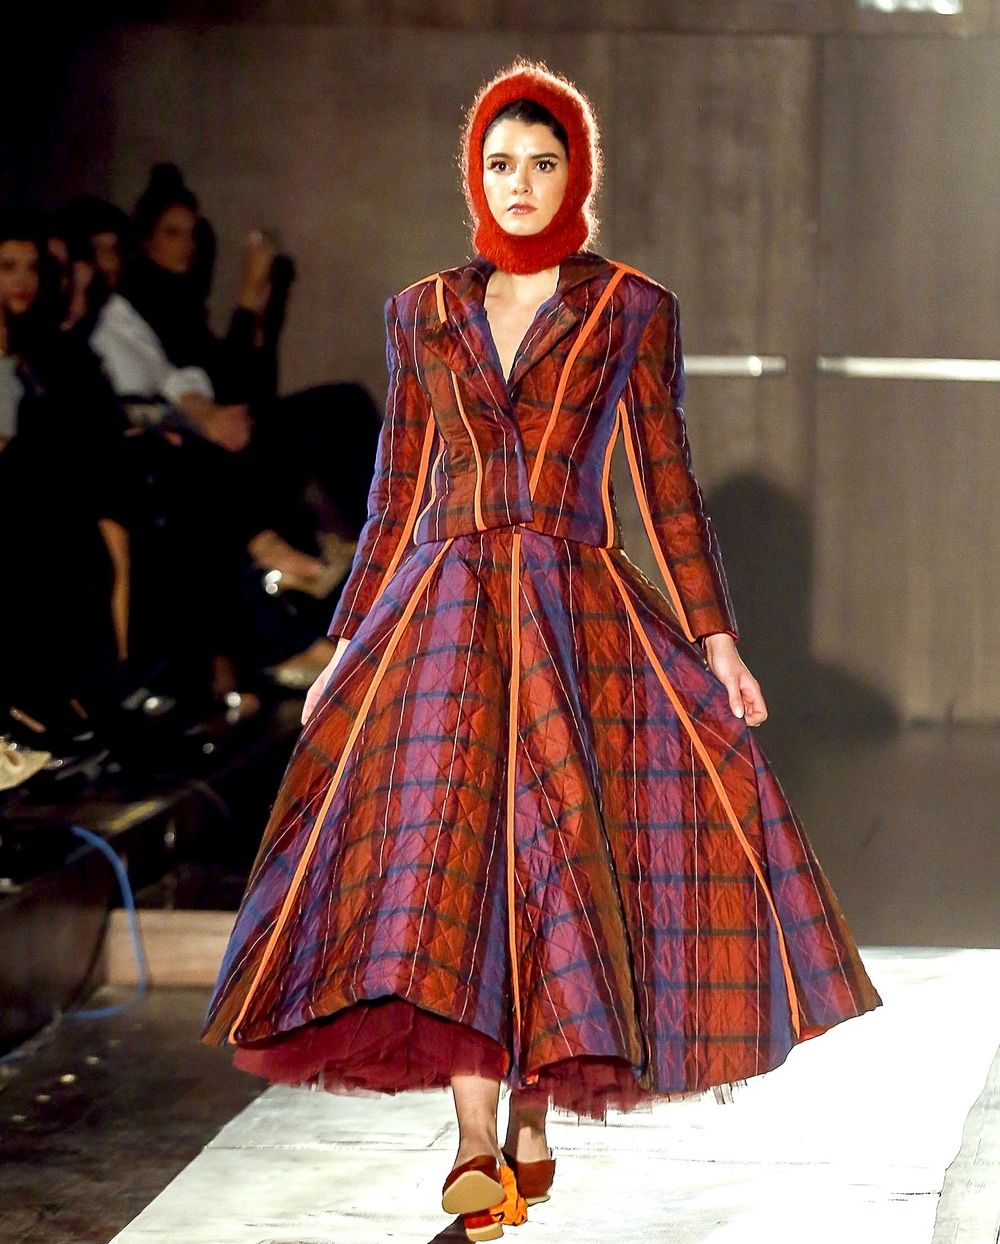 La diseñadora cordobesa Beatriz Peñalver volvió a demostrar su originalidad.